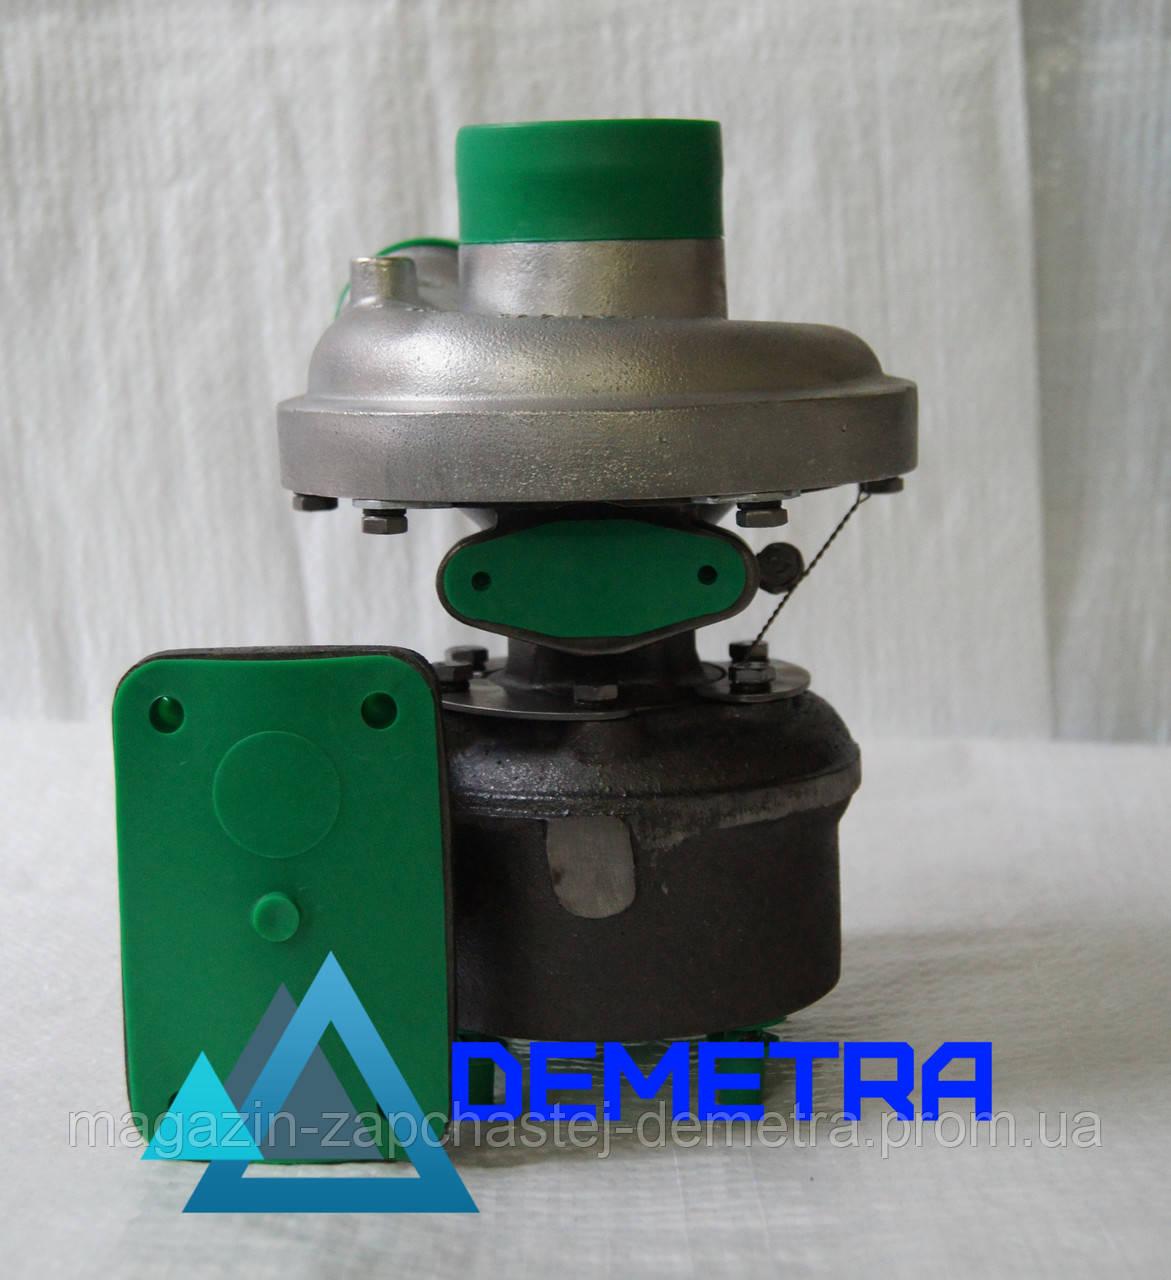 Турбокомпрессор, турбина МТЗ/  ТКР С14-126-01 МТЗ-890, 895, 950, 952 Д-245.